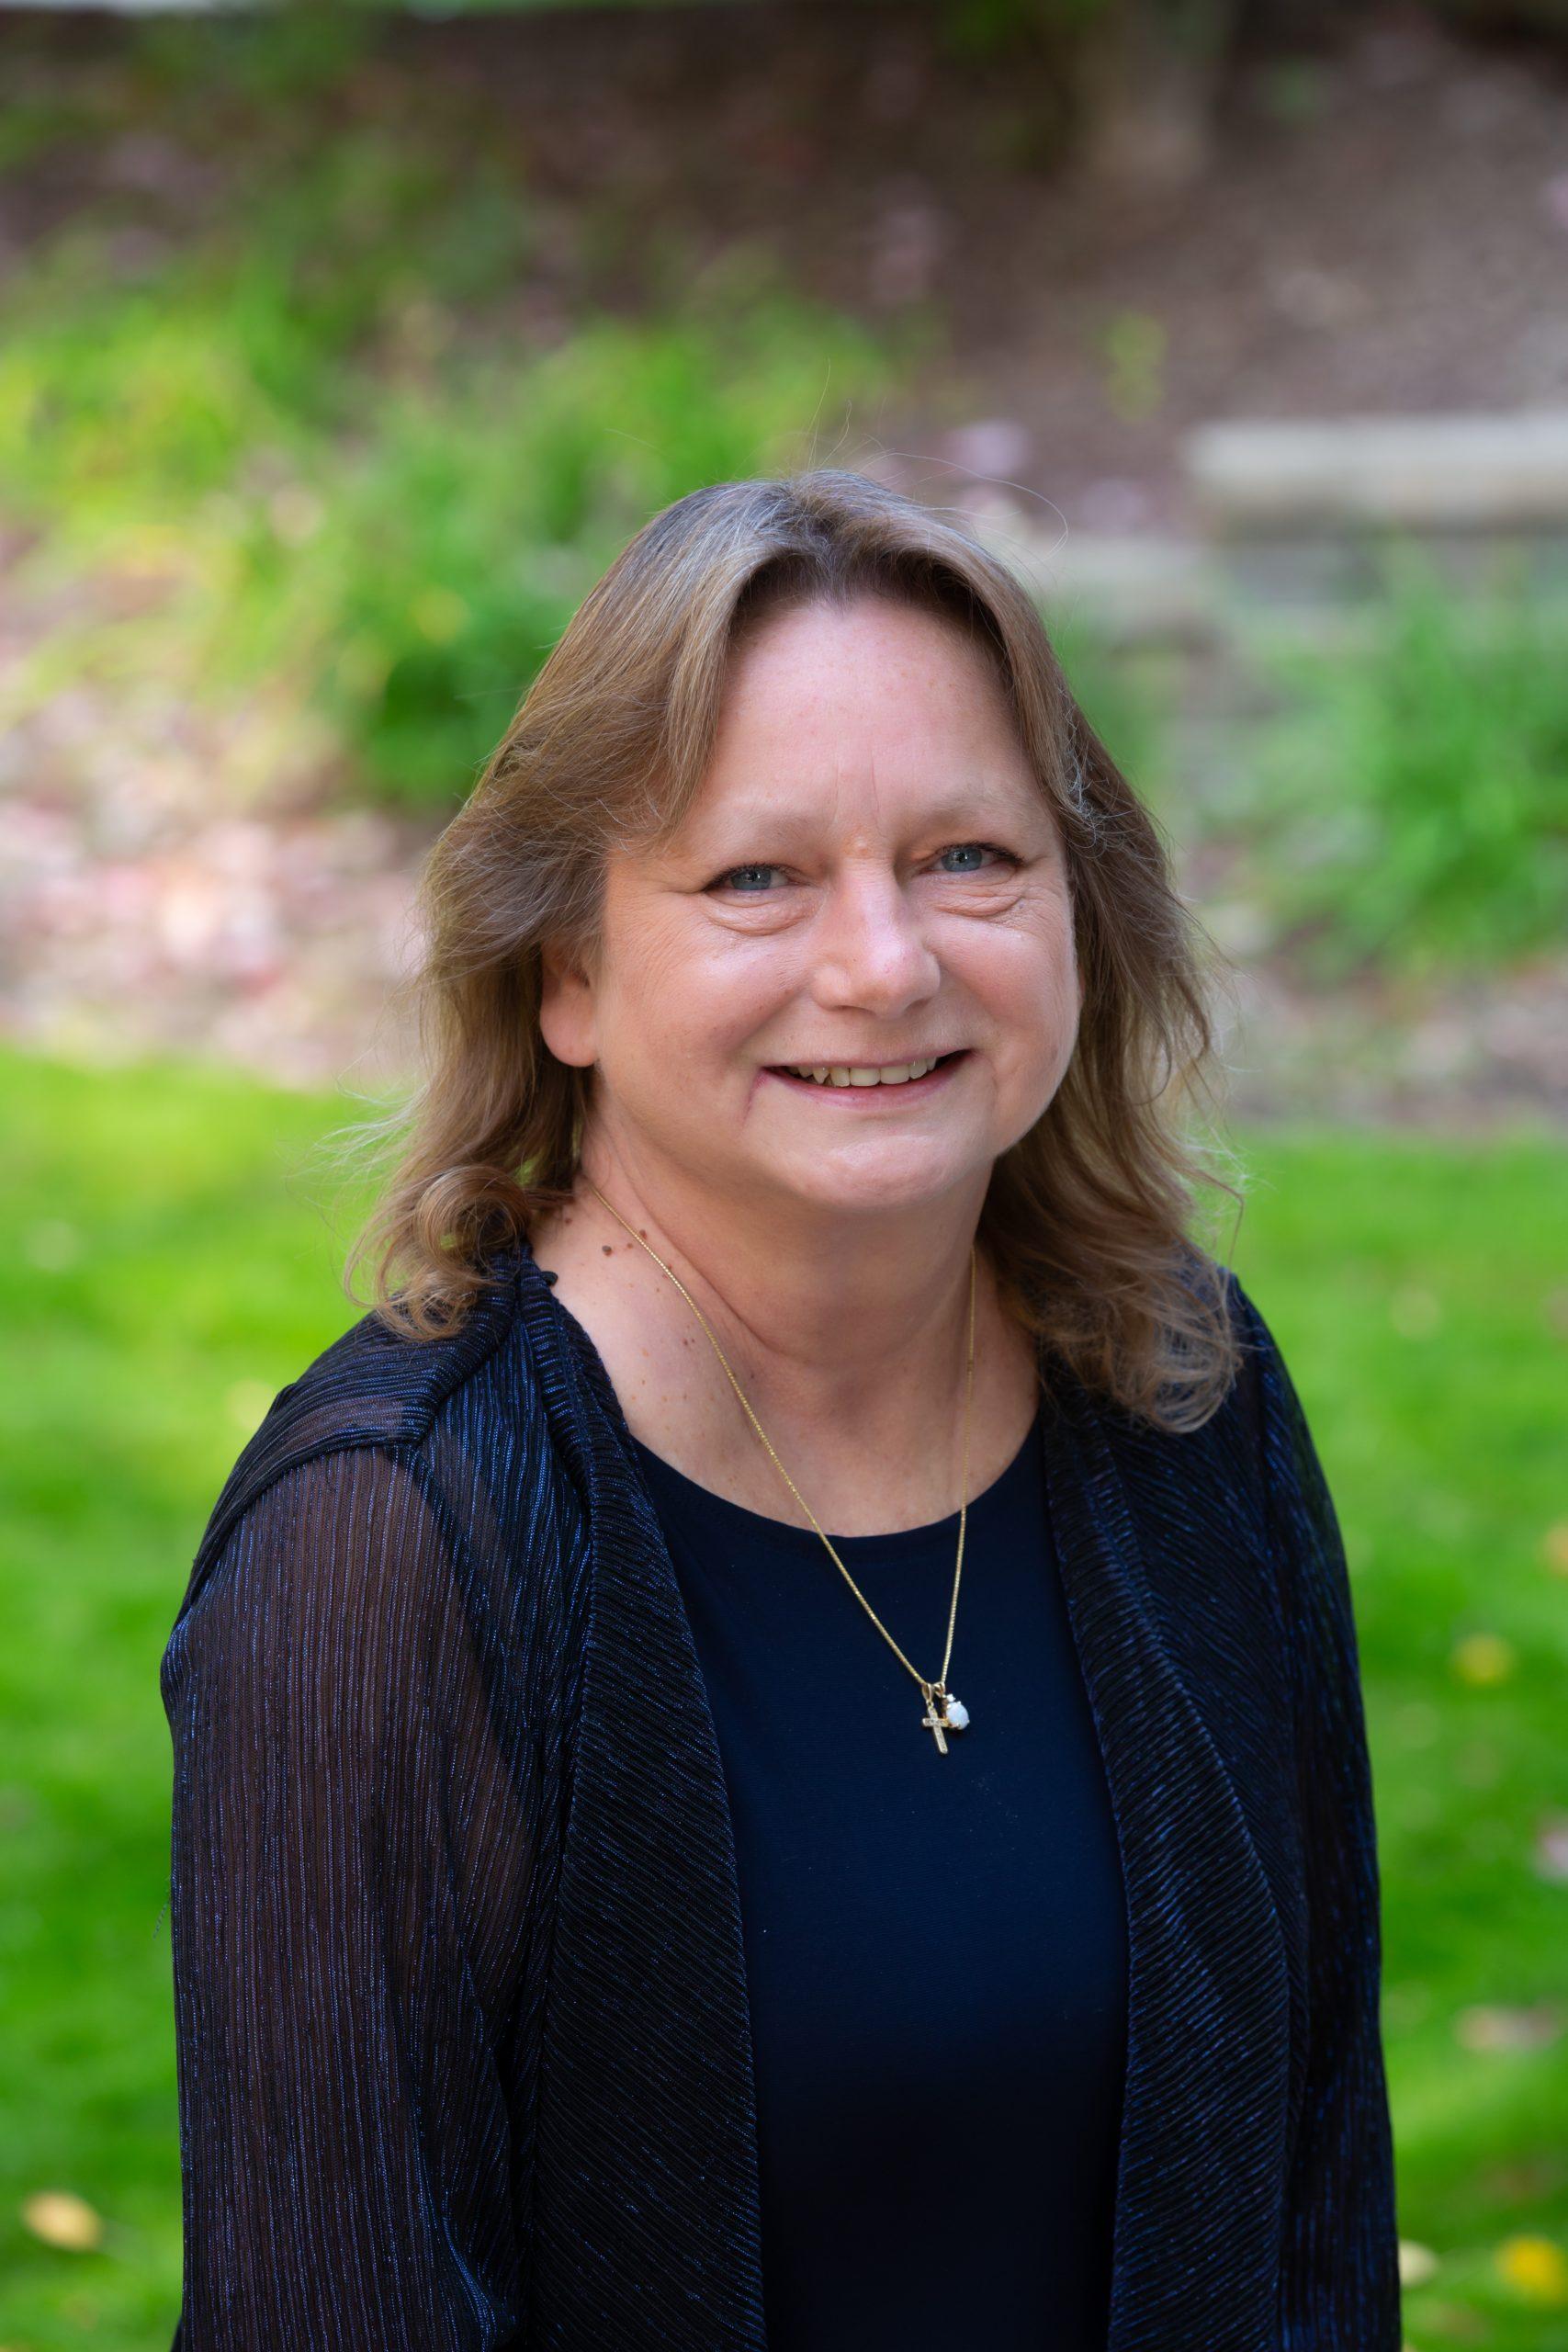 Patti Maisonville